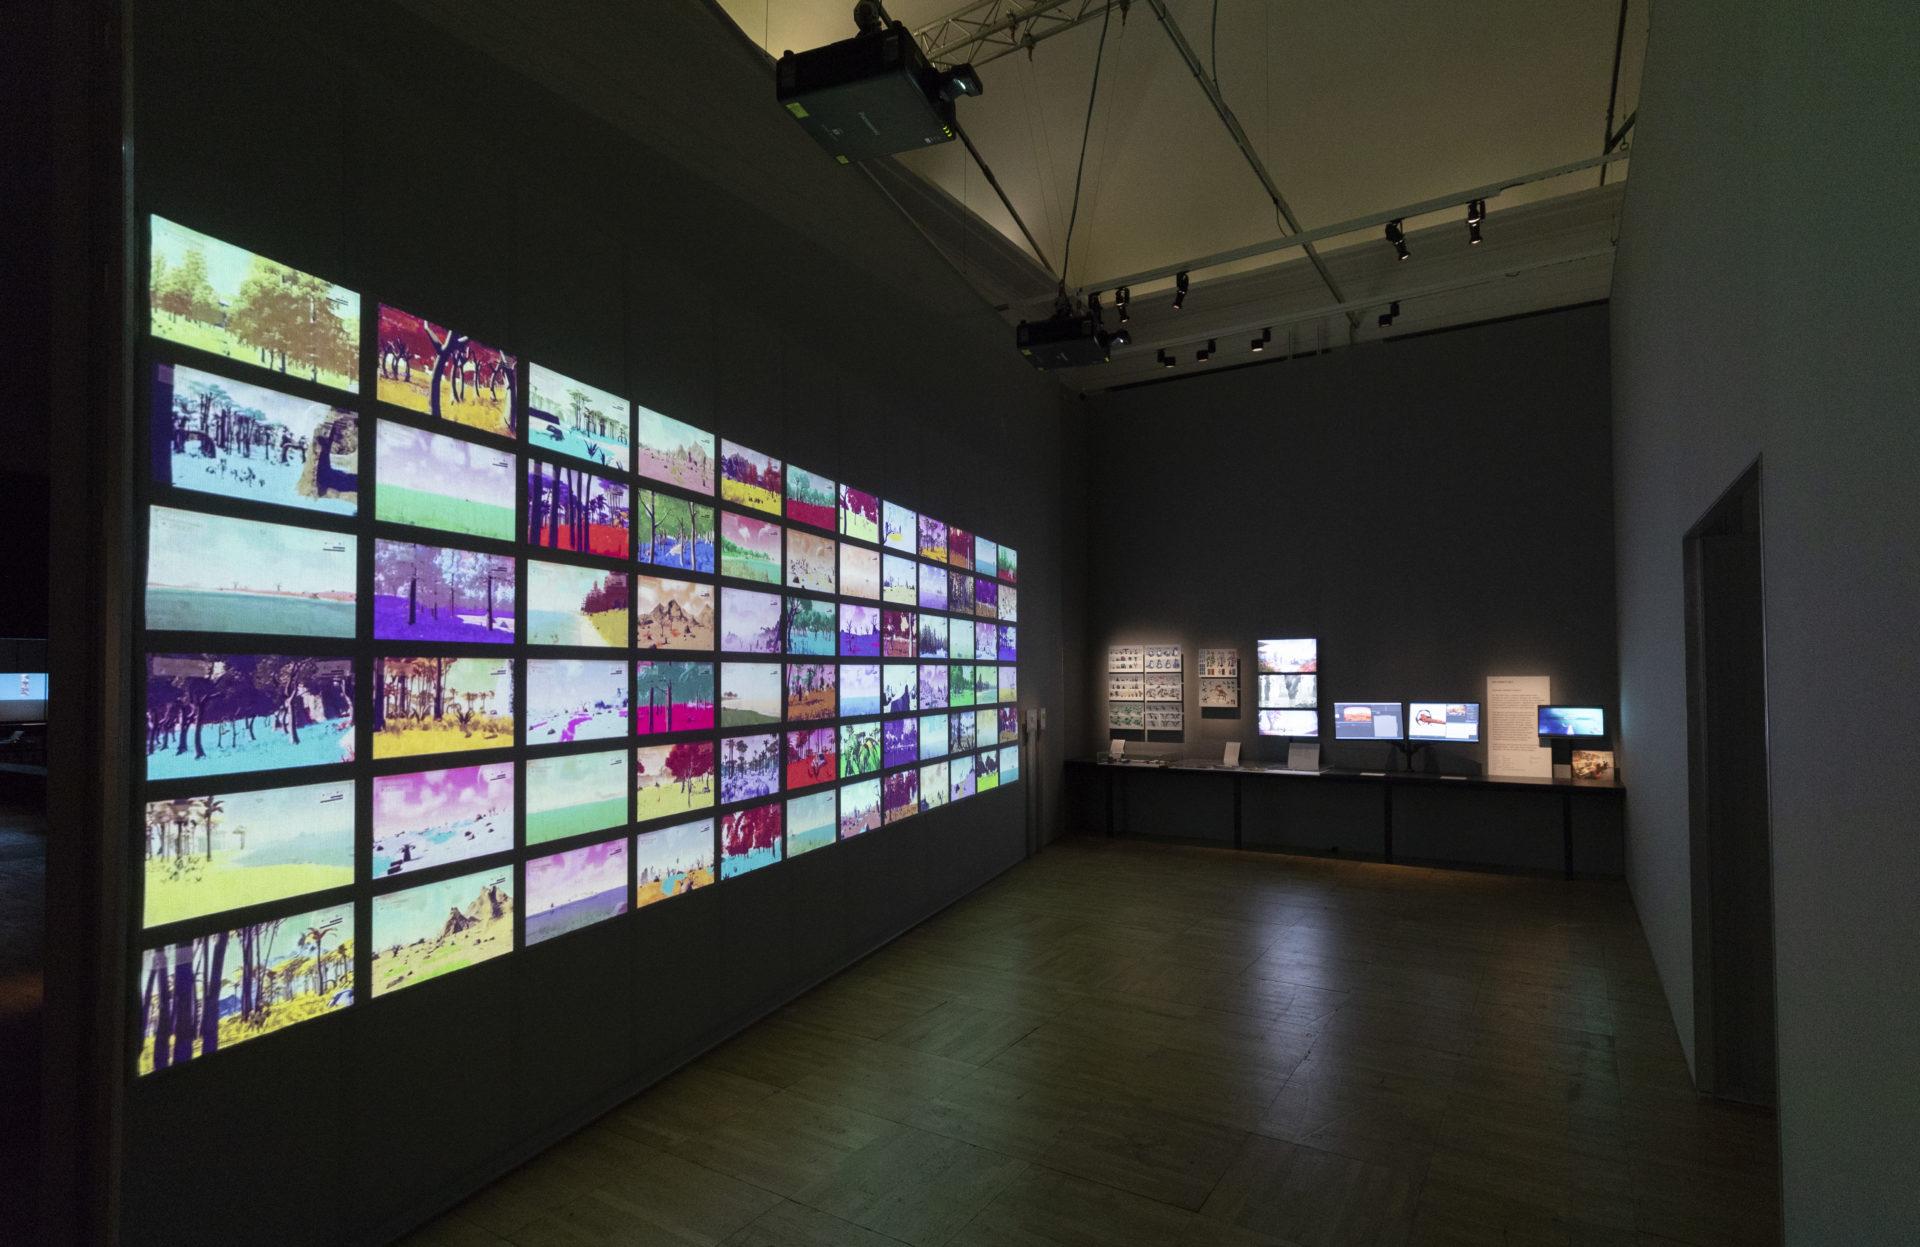 「電子遊戲:設計/遊戲/干擾」於倫敦V&A博物館展覽現場。